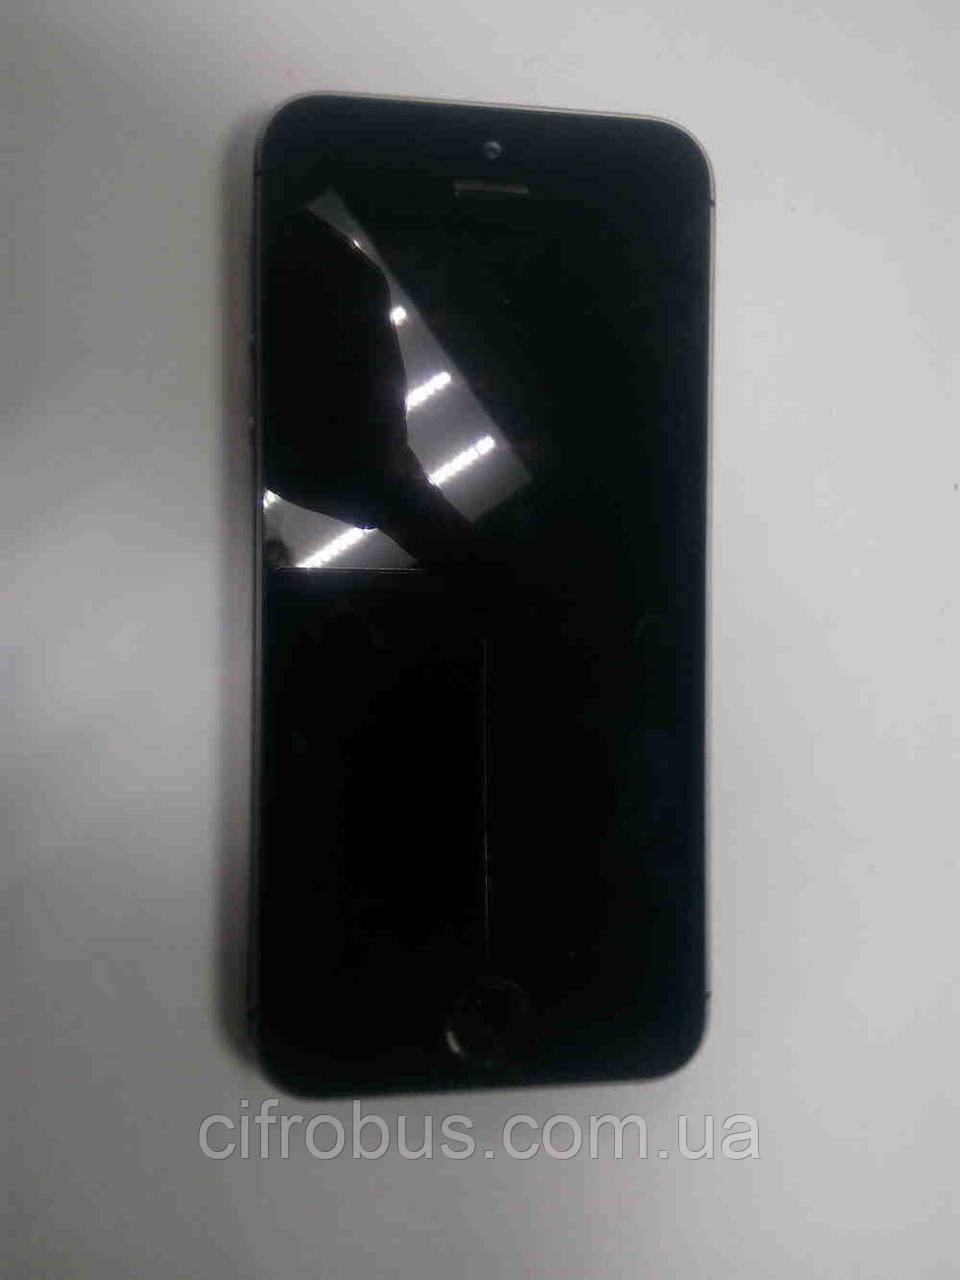 Б/У Apple iPhone 5S 64Gb